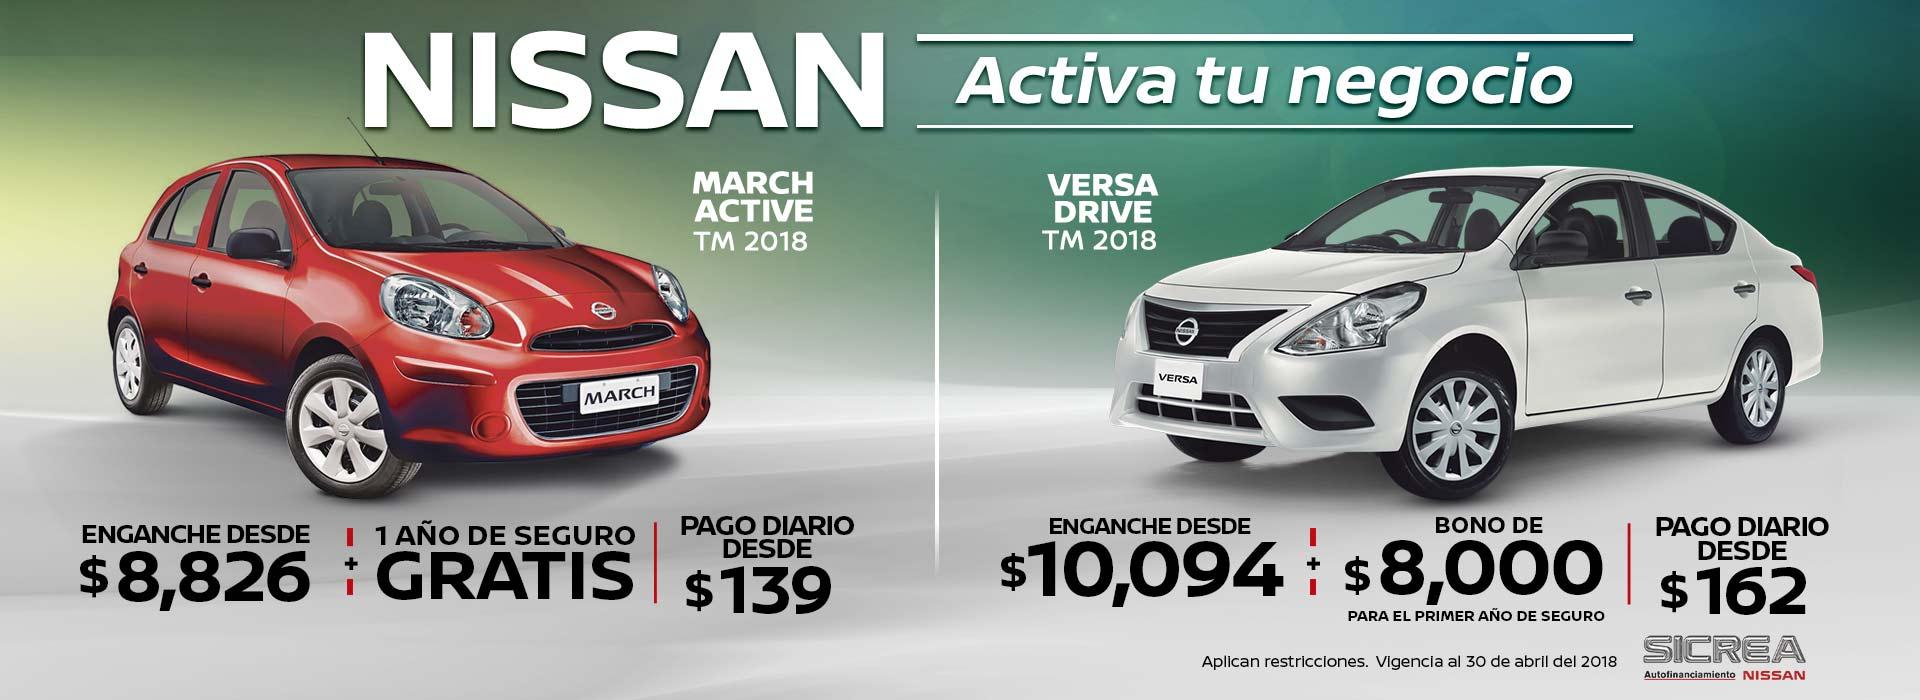 PLASSA NISSAN - Agencia de autos - Culiacán, Sinaloa